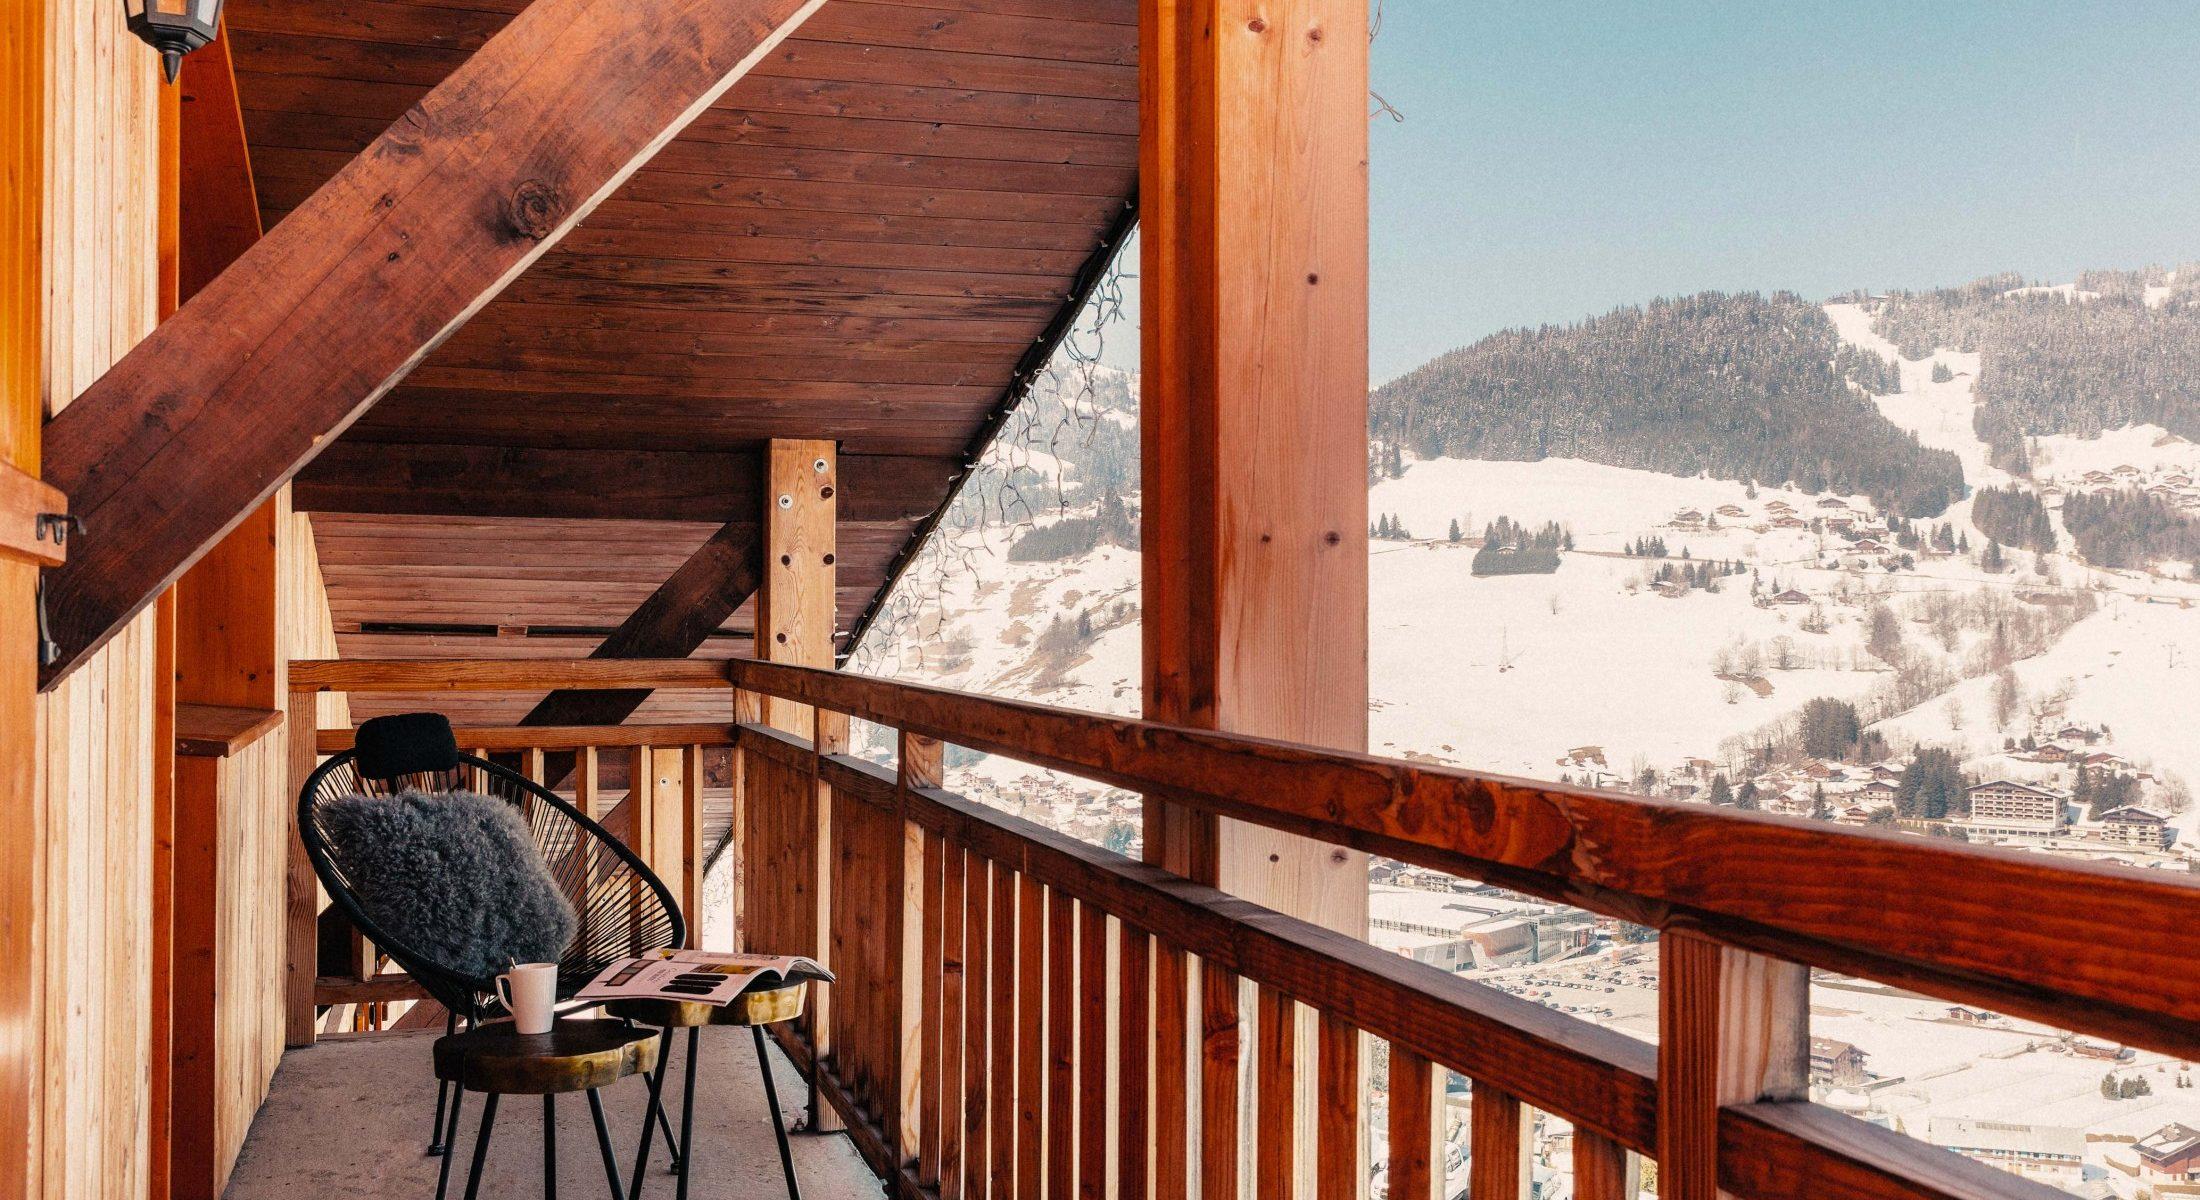 Le Refuge Megeve Architecte rooms & suites - prestige megève suite megève hotel - l